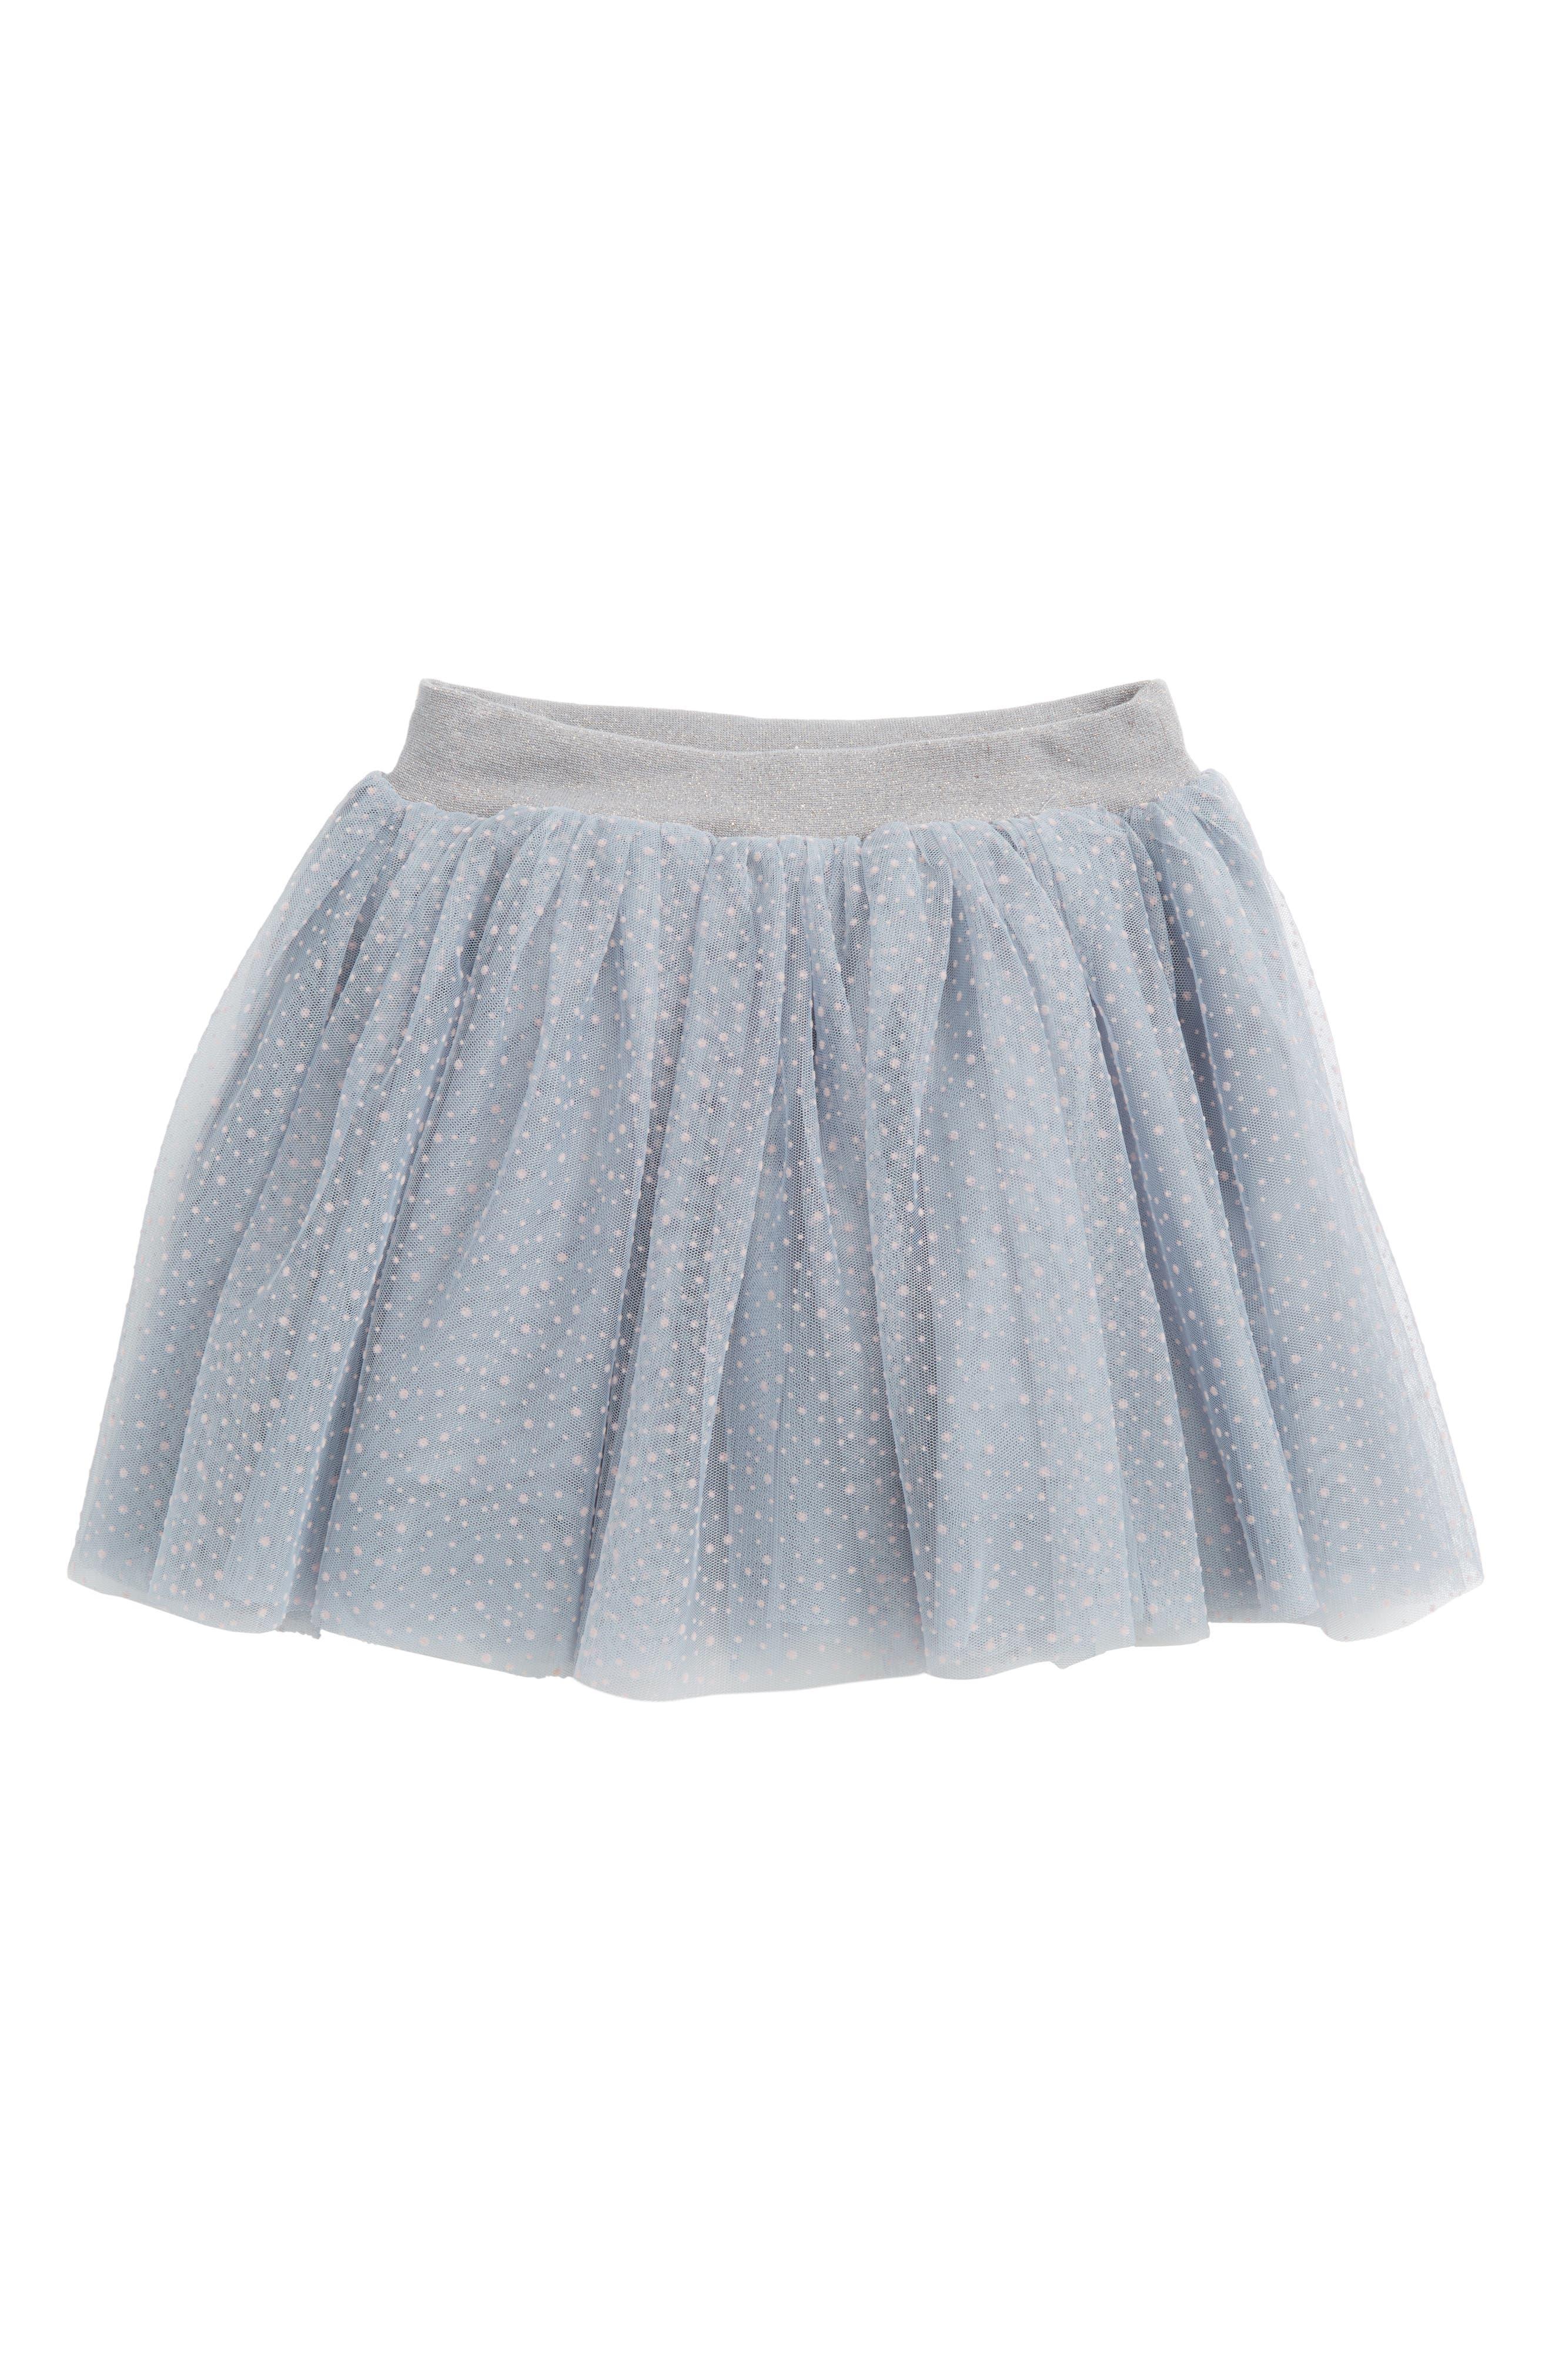 Mina Skirt,                             Main thumbnail 1, color,                             Dove